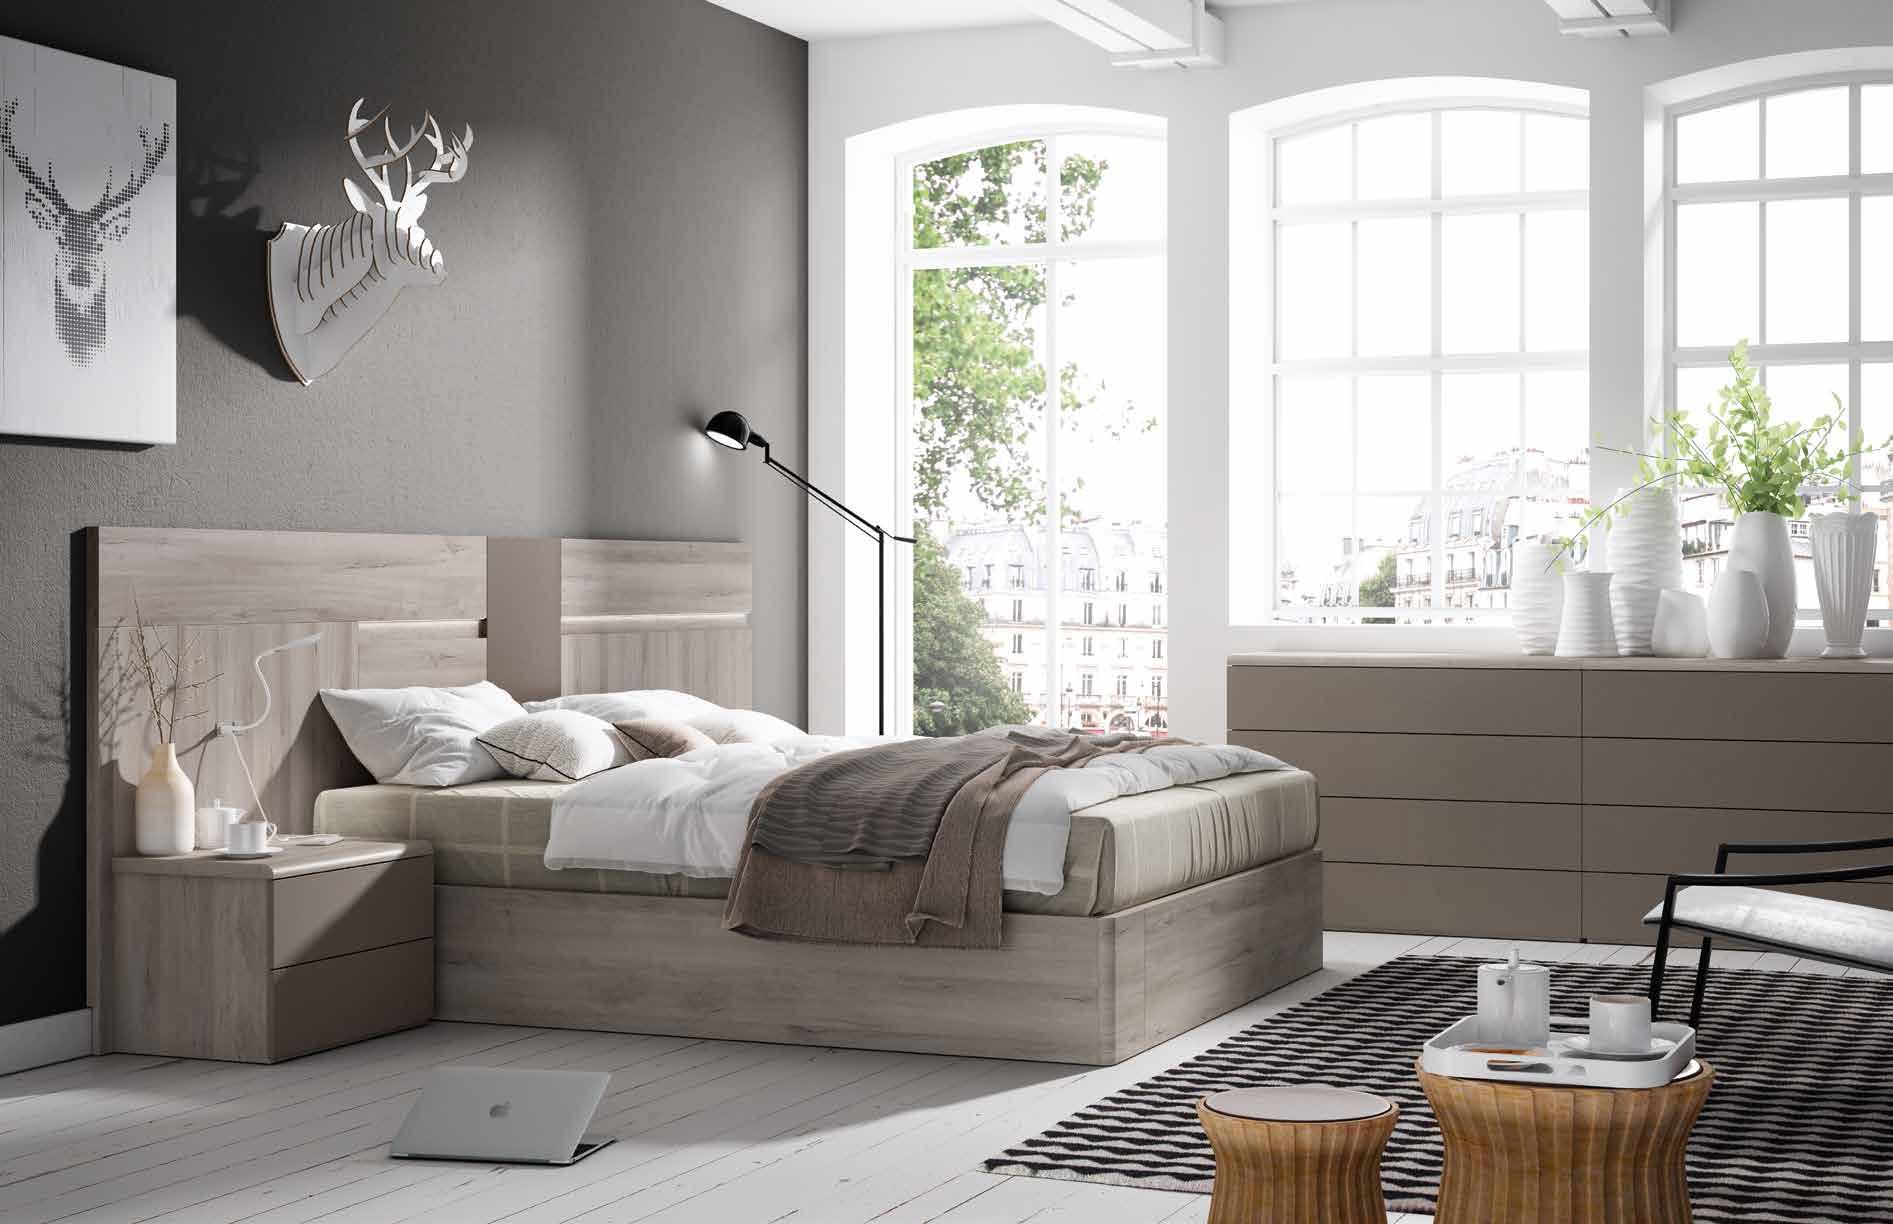 creta-dormitorio-lencas-17